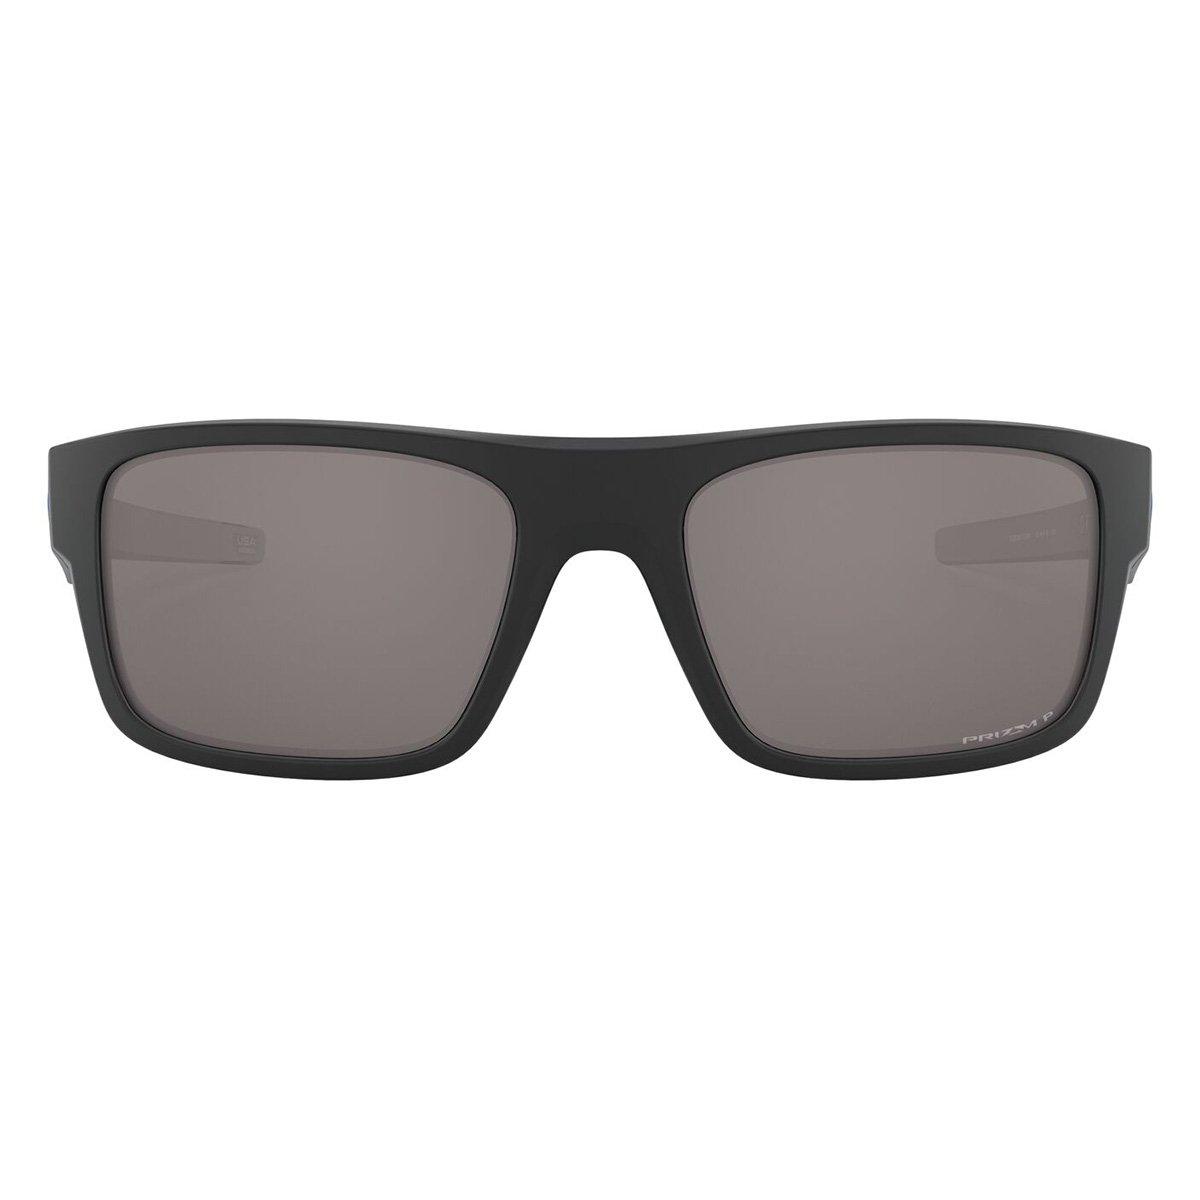 Óculos de Sol Oakley Drop Point Ignite Prizm - 1